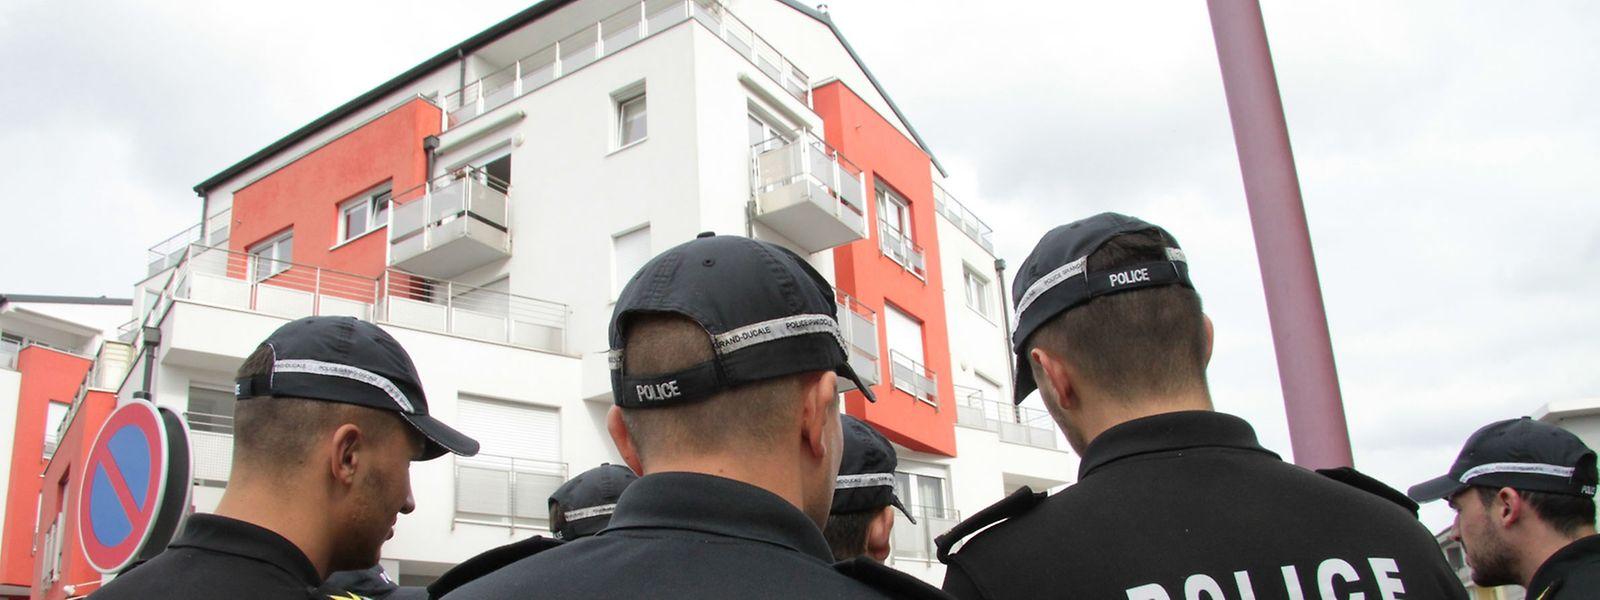 Am 25. September 2016 sterben in der Dachgeschosswohnung eines Mehrfamilienhauses in der Cité Grand-Duc Jean zwei Menschen, eine 29-jährige Frau und ihr 31-jähriger Freund. Der Bruder der Frau steht unter Mordverdacht.⋌ Fotos: Steve Remesch/LW-Archiv